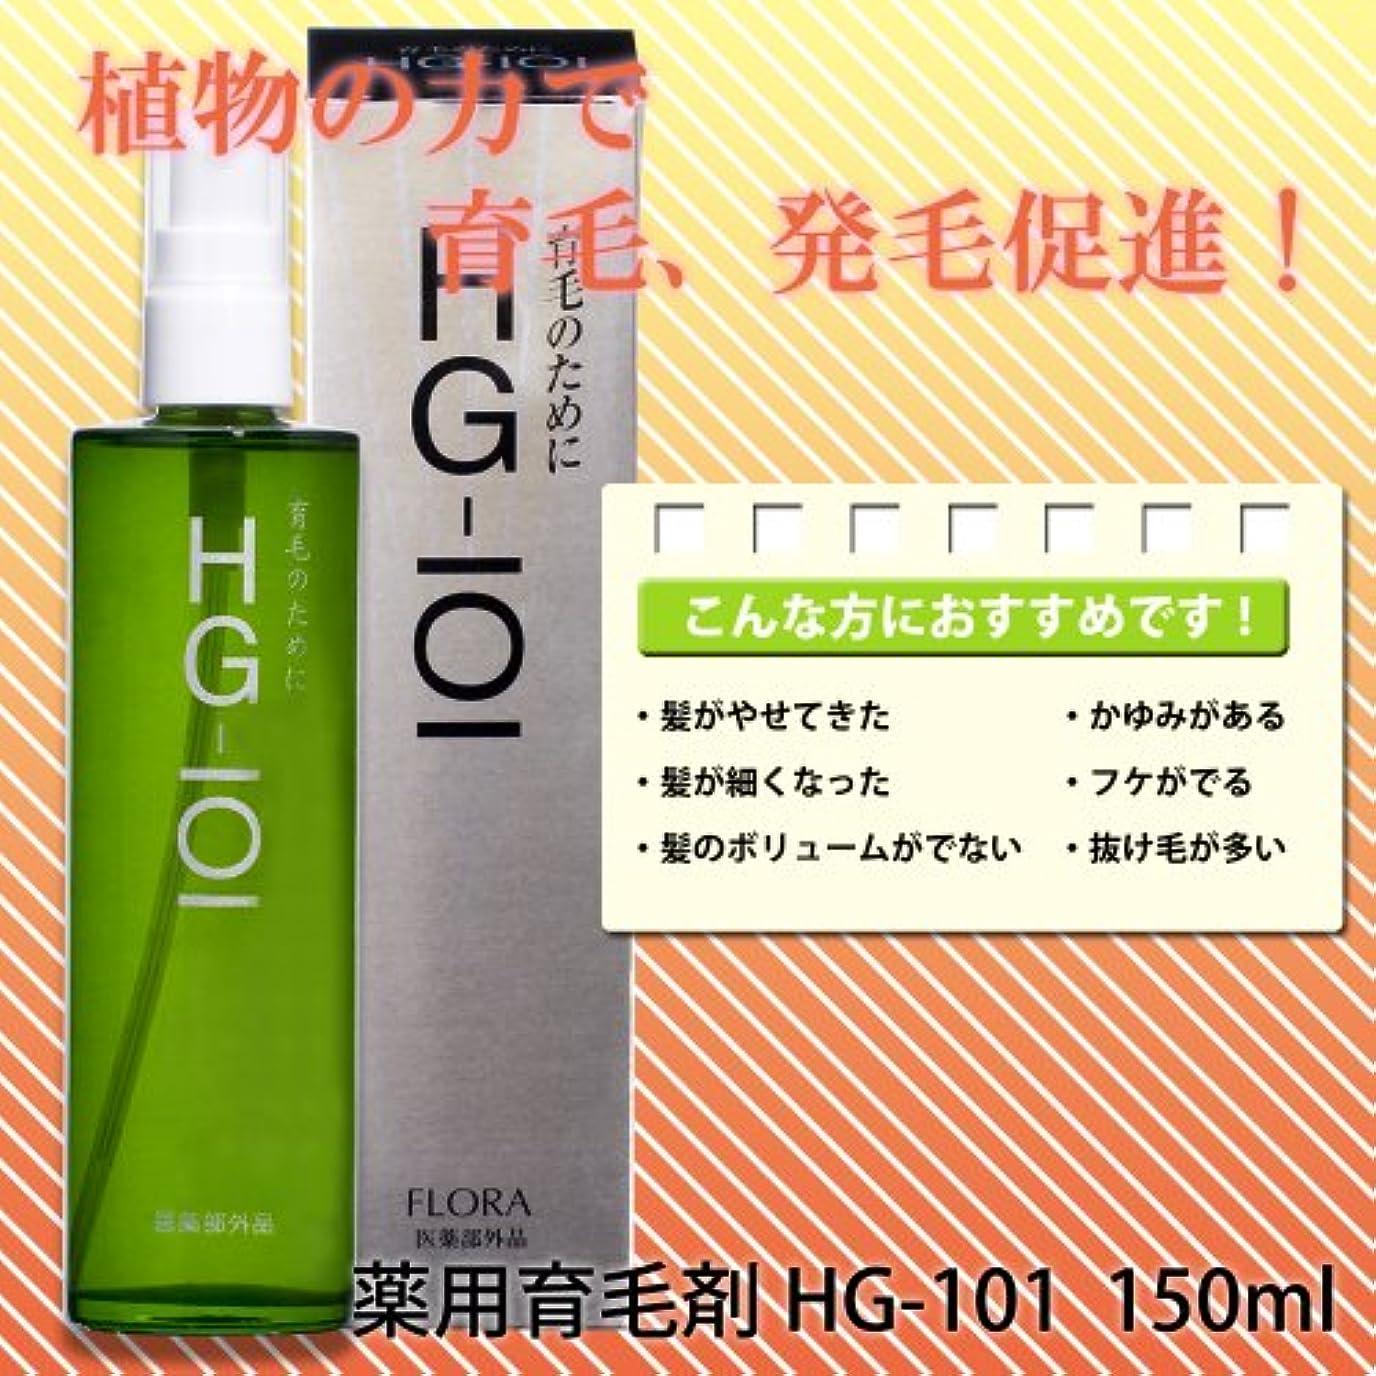 人形コジオスコカウンターパート薬用育毛剤HG-101 150ml